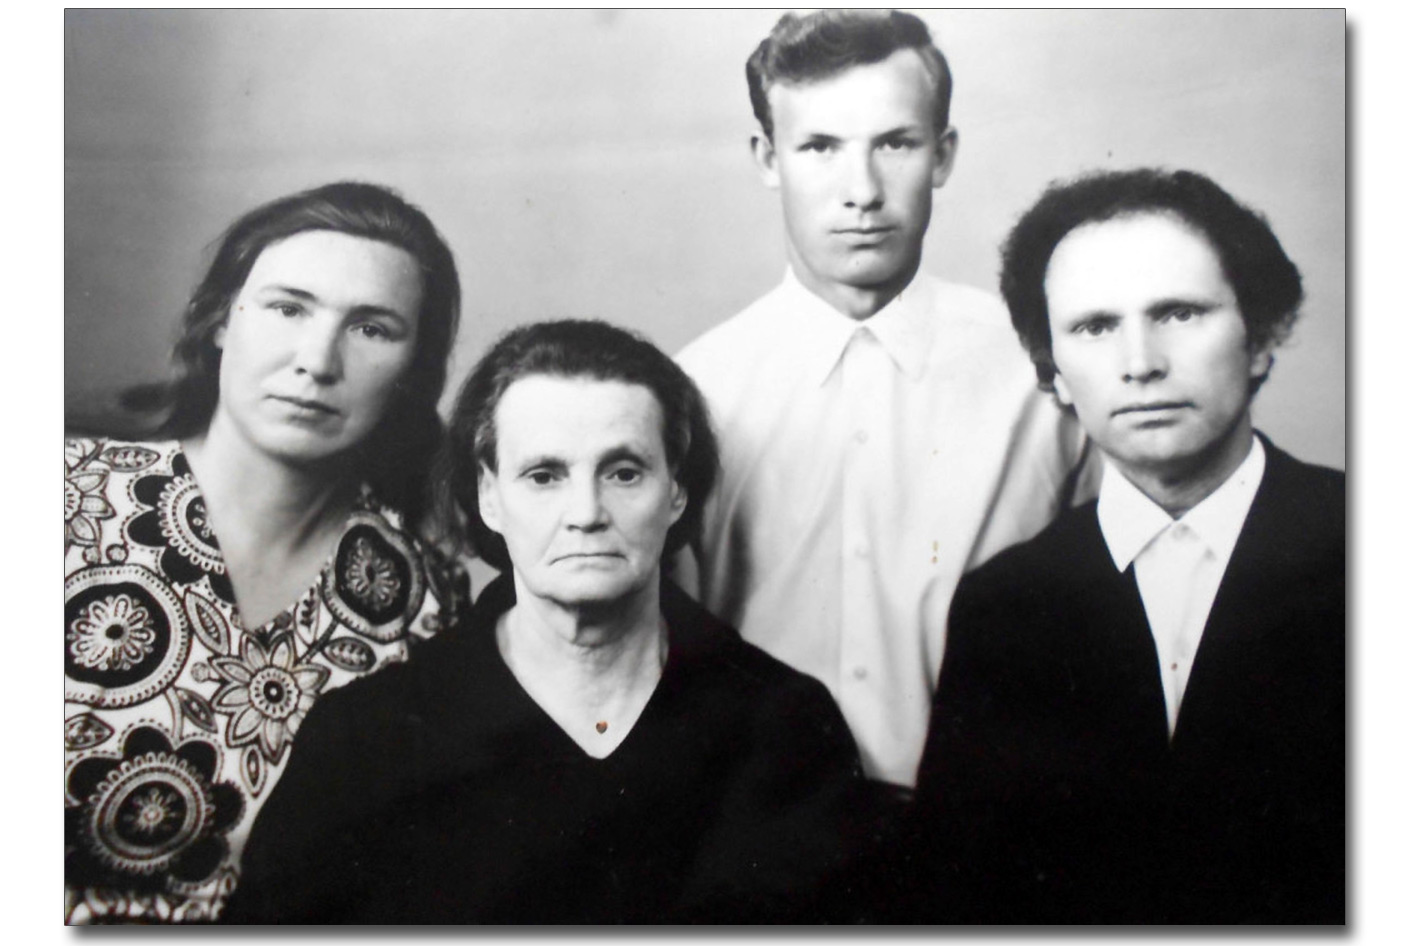 Podczas odwiedzin mamy i rodziny siostry w Polsce. Franciszek Jakowczyk - pierwszy od prawej (lata 70. XX wieku)